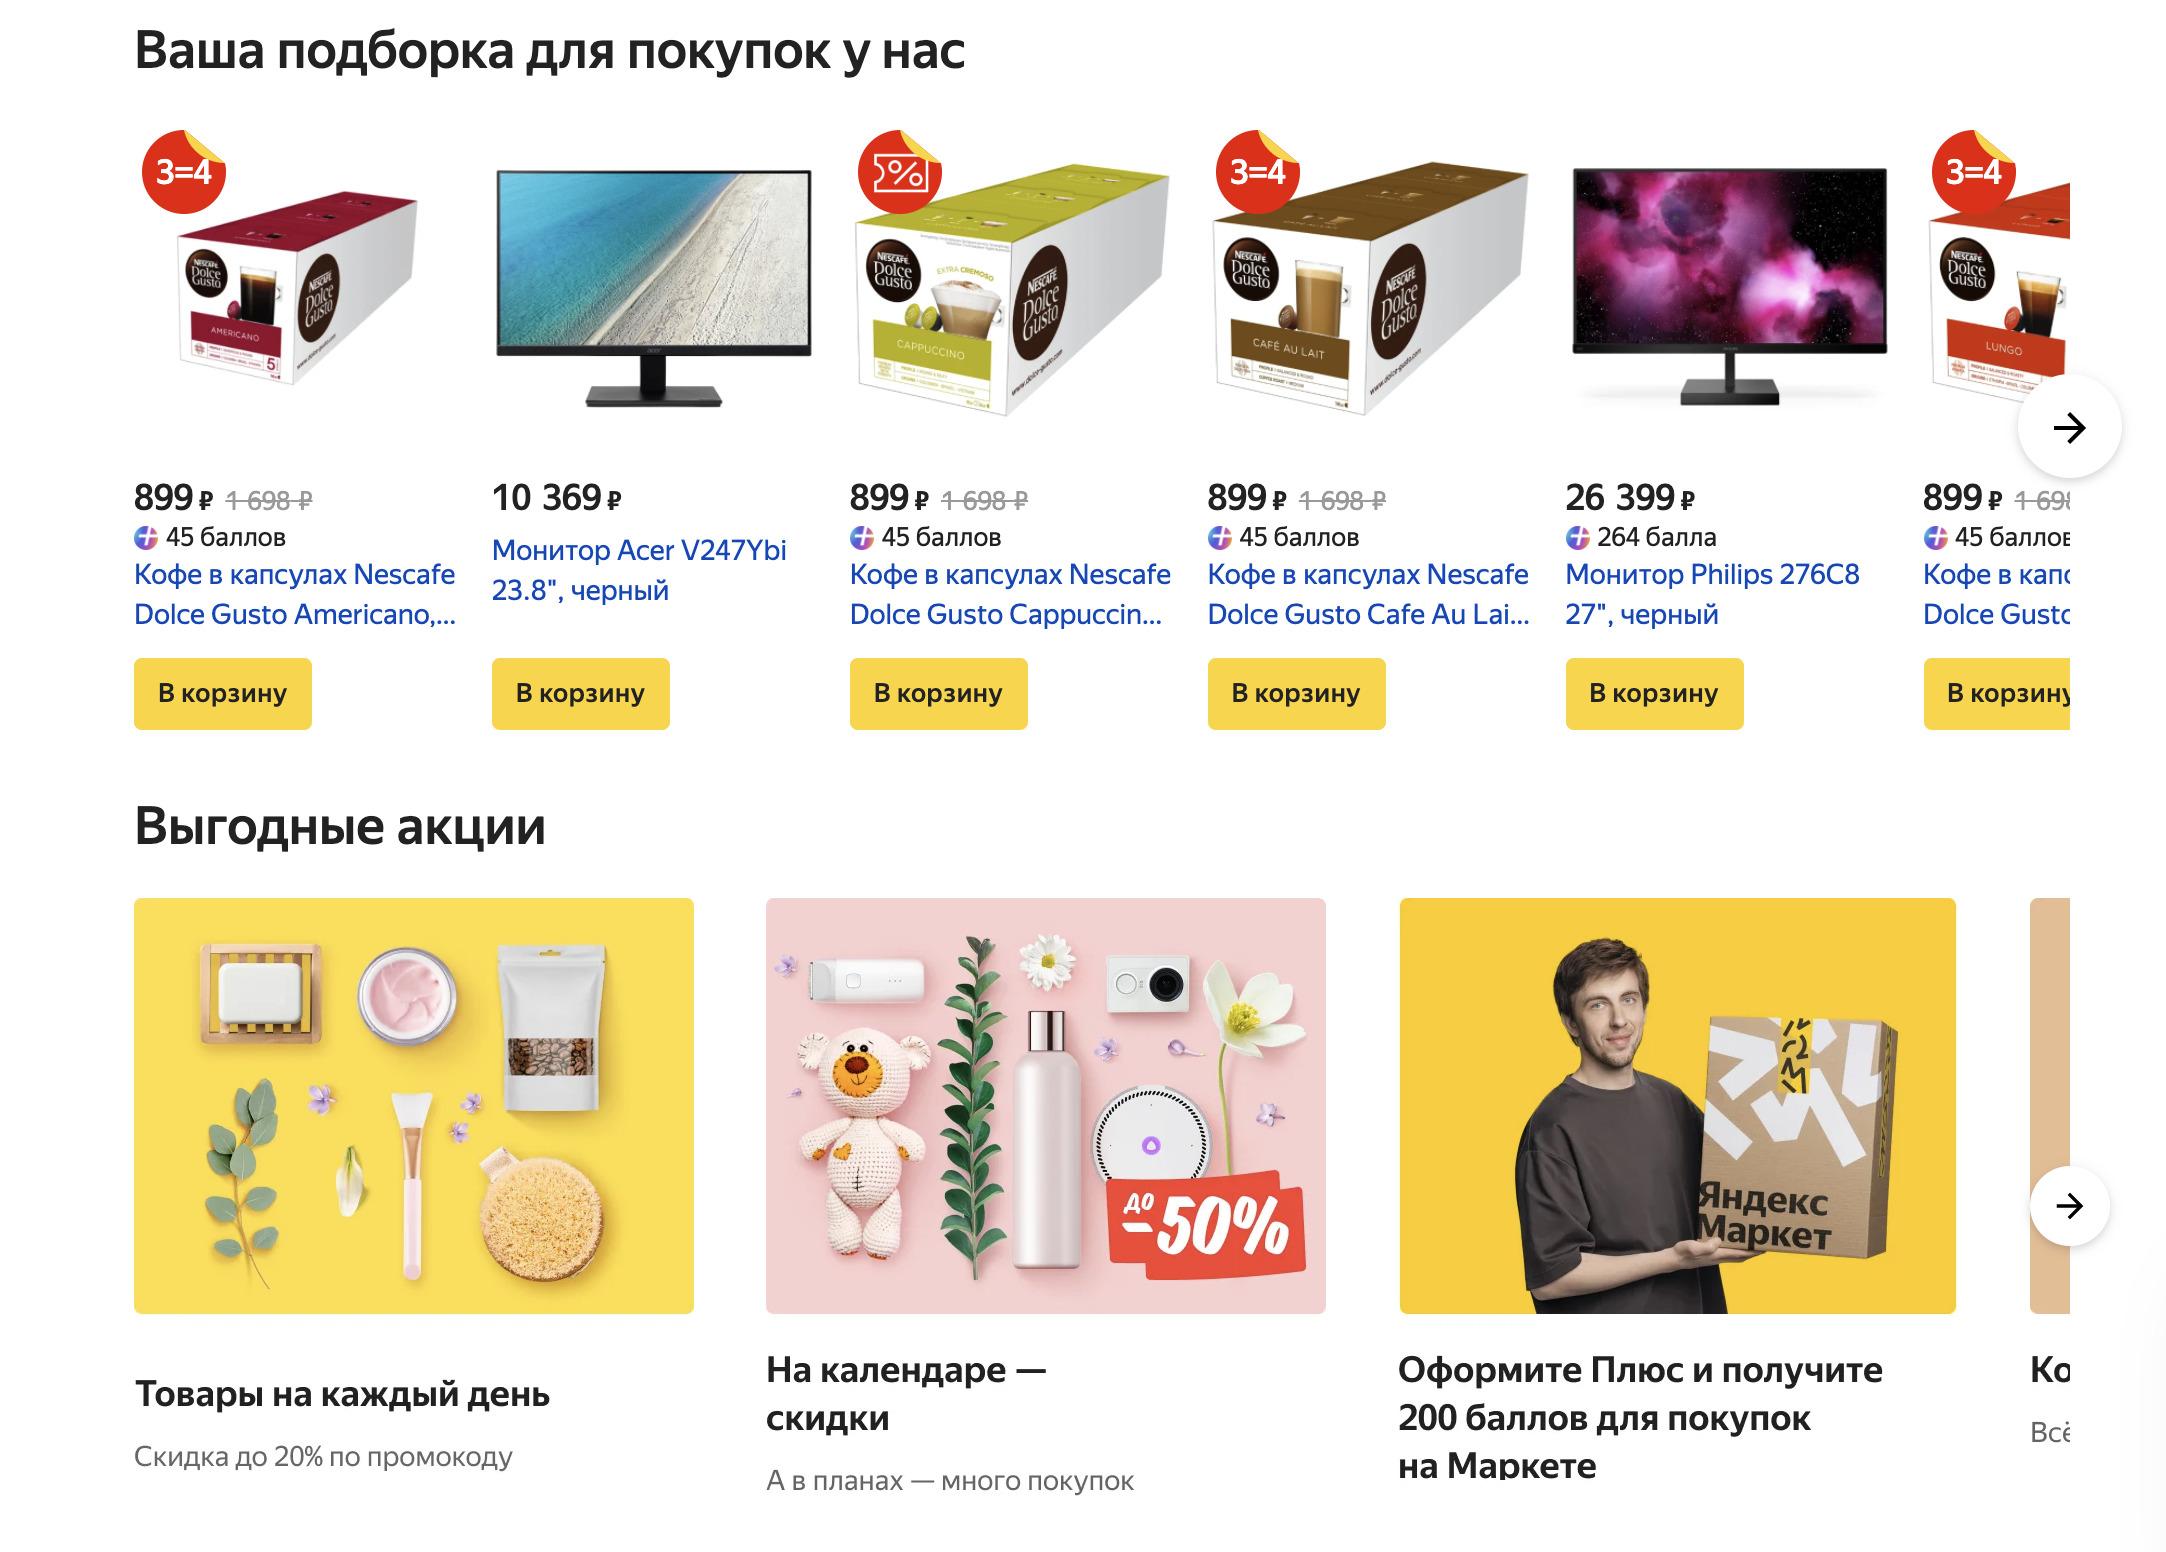 Доставка из Яндекс.Маркет в Тюмень, сроки, пункты выдачи, каталог